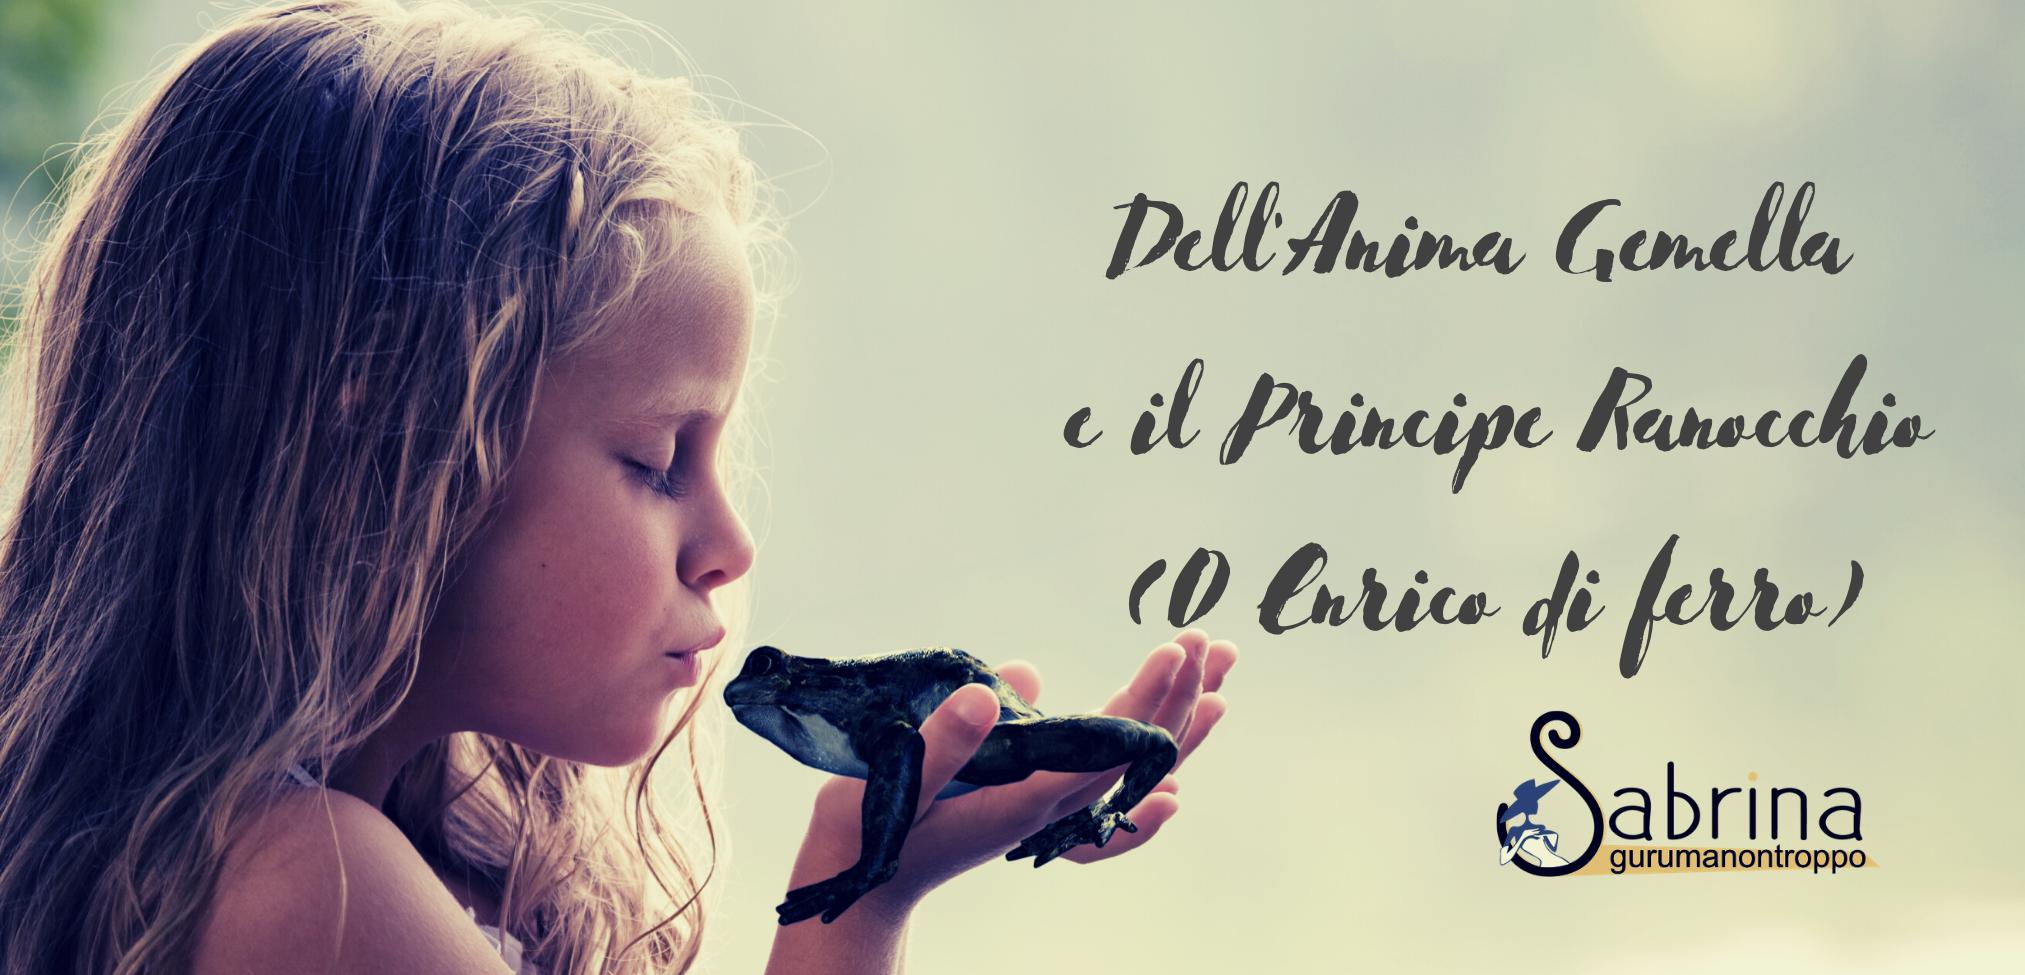 Dell'Anima Gemella e il Principe Ranocchio